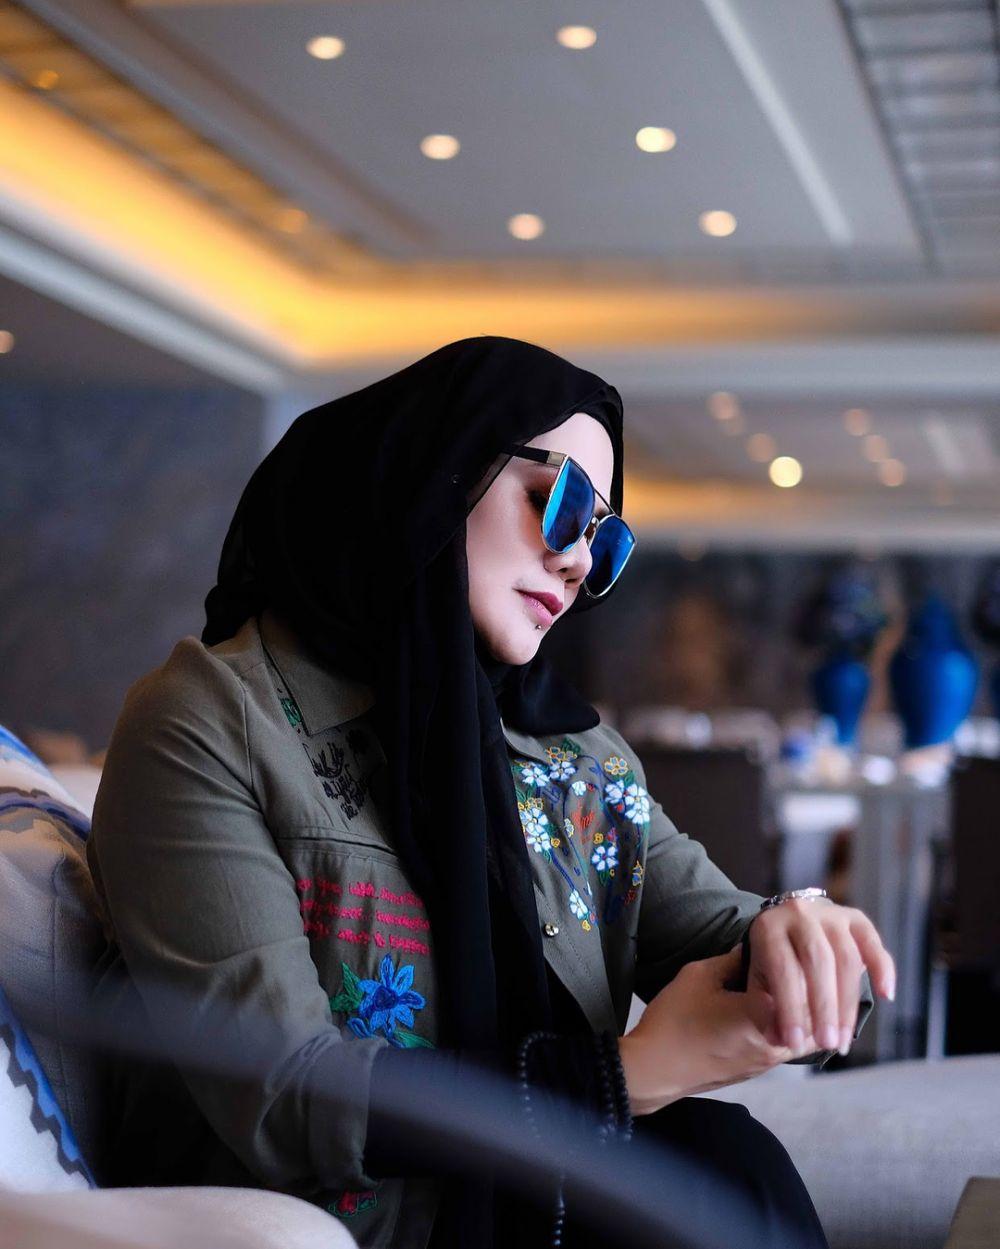 sarita abdul mukti © 2018 instagram